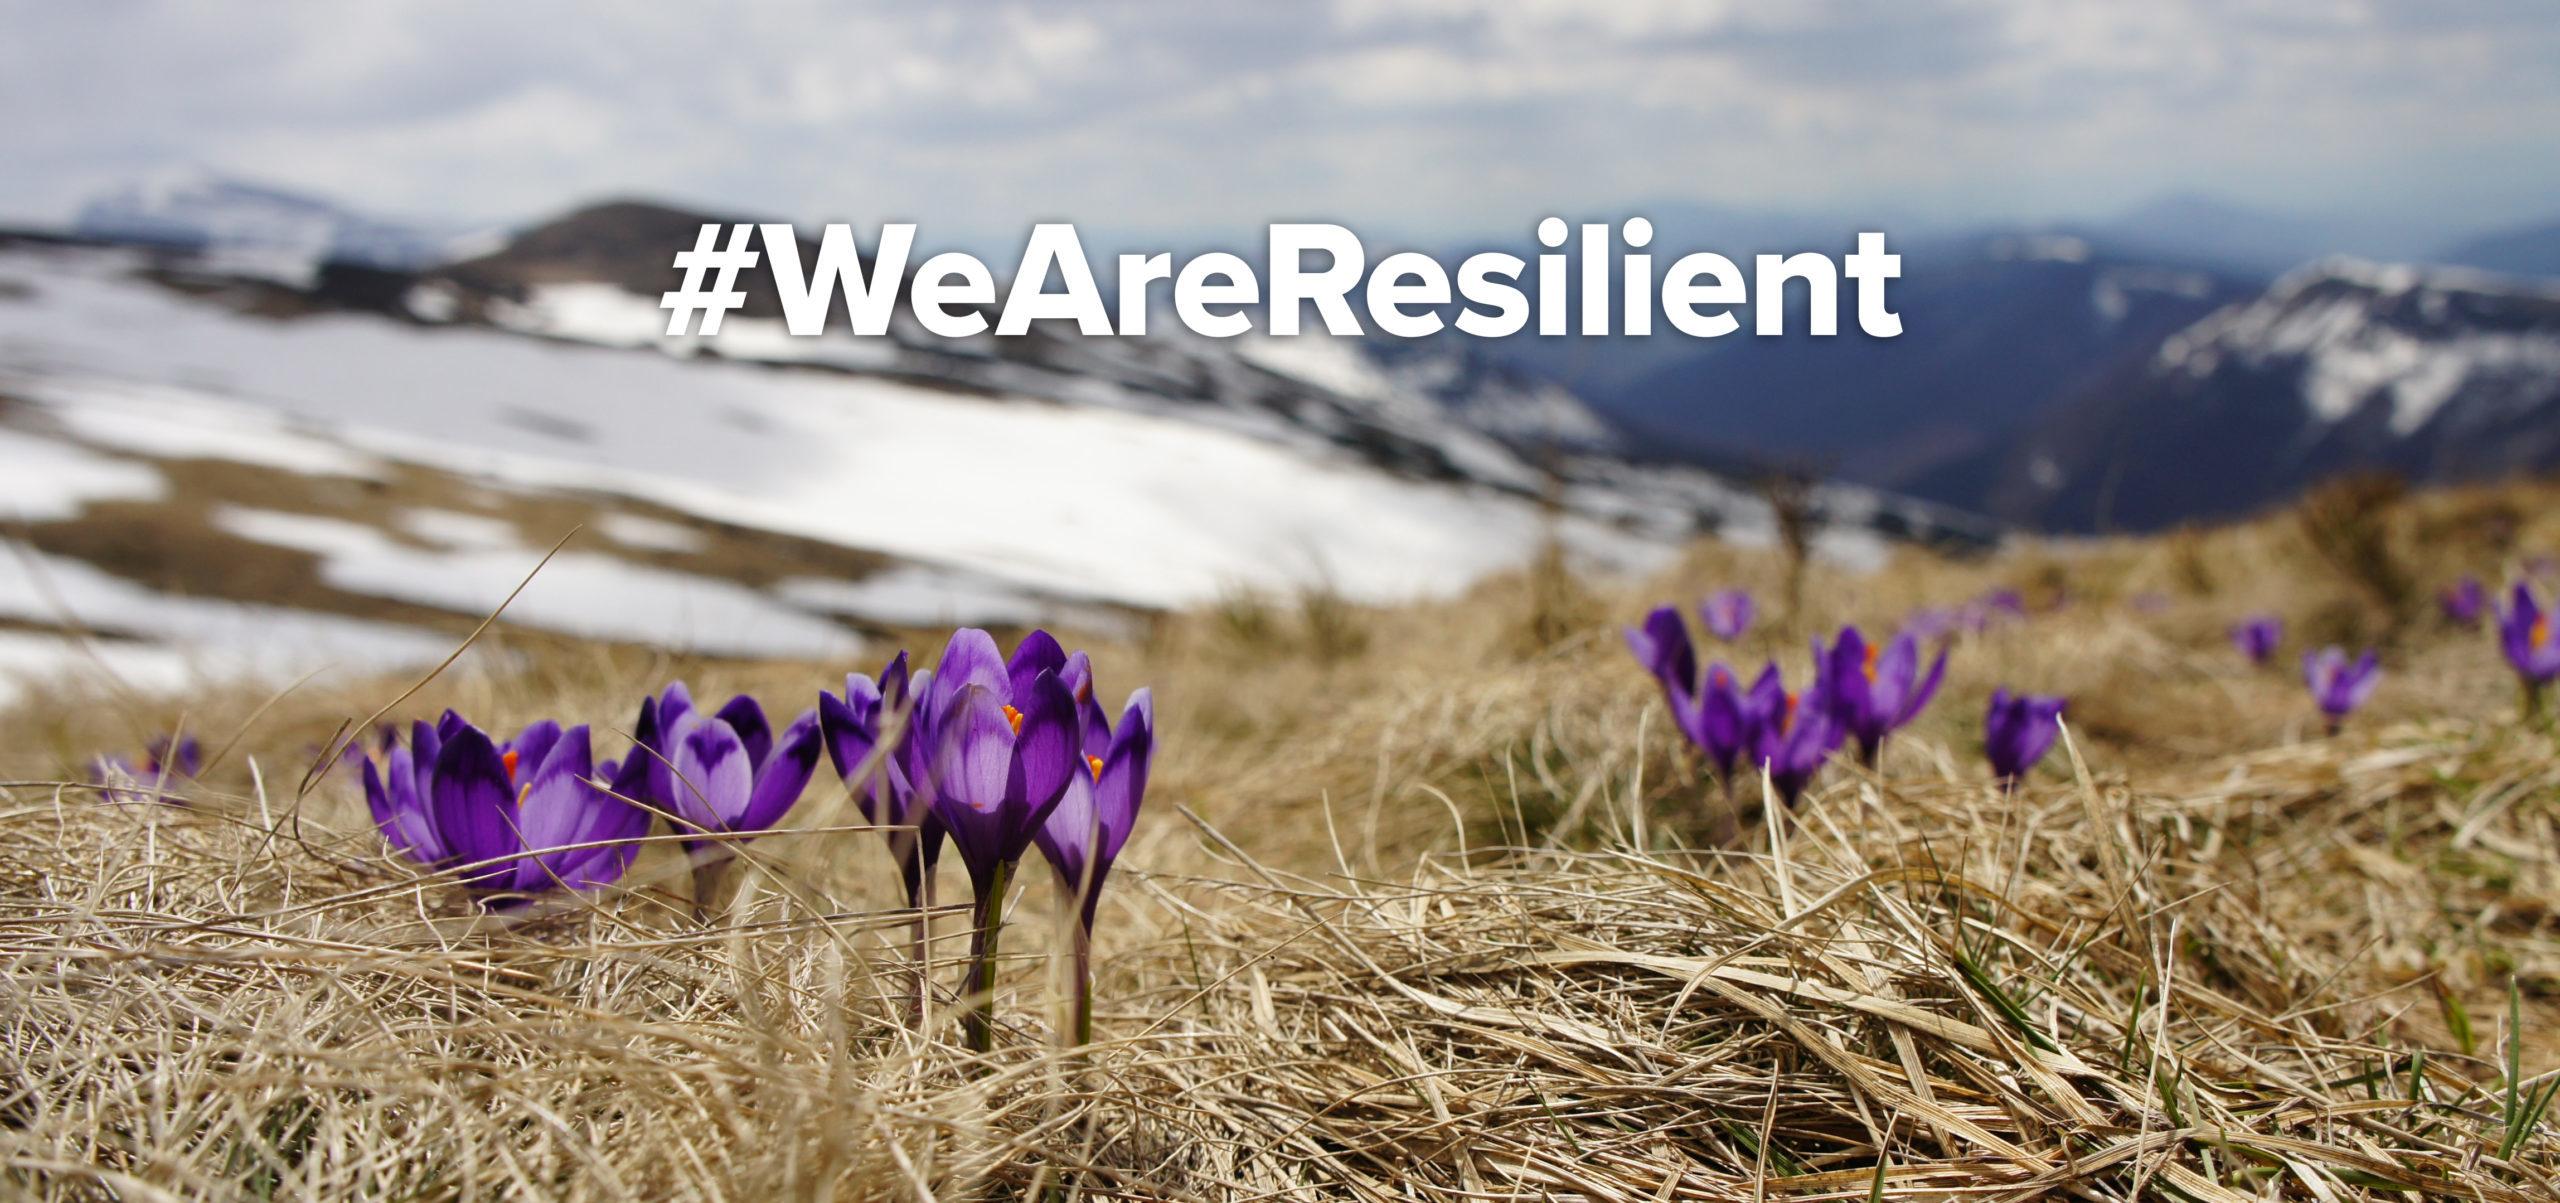 #WeAreResilient